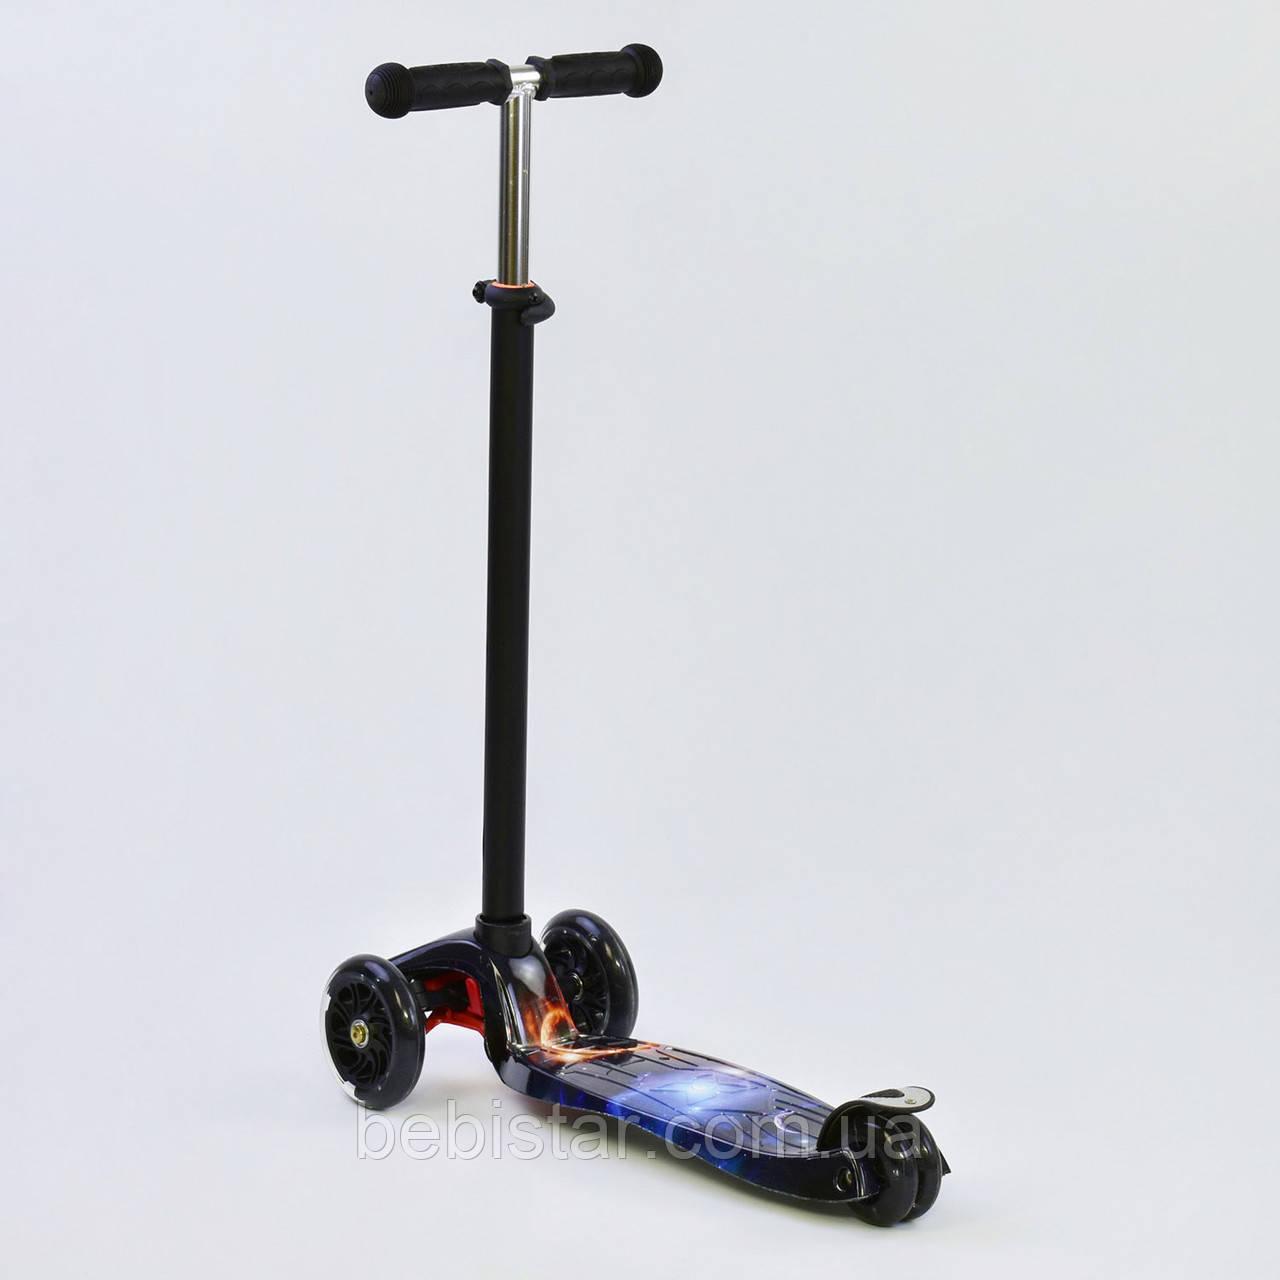 Самокат детский черно-синий MAXI Best Scooter со светящимися черными колесами от 3 лет